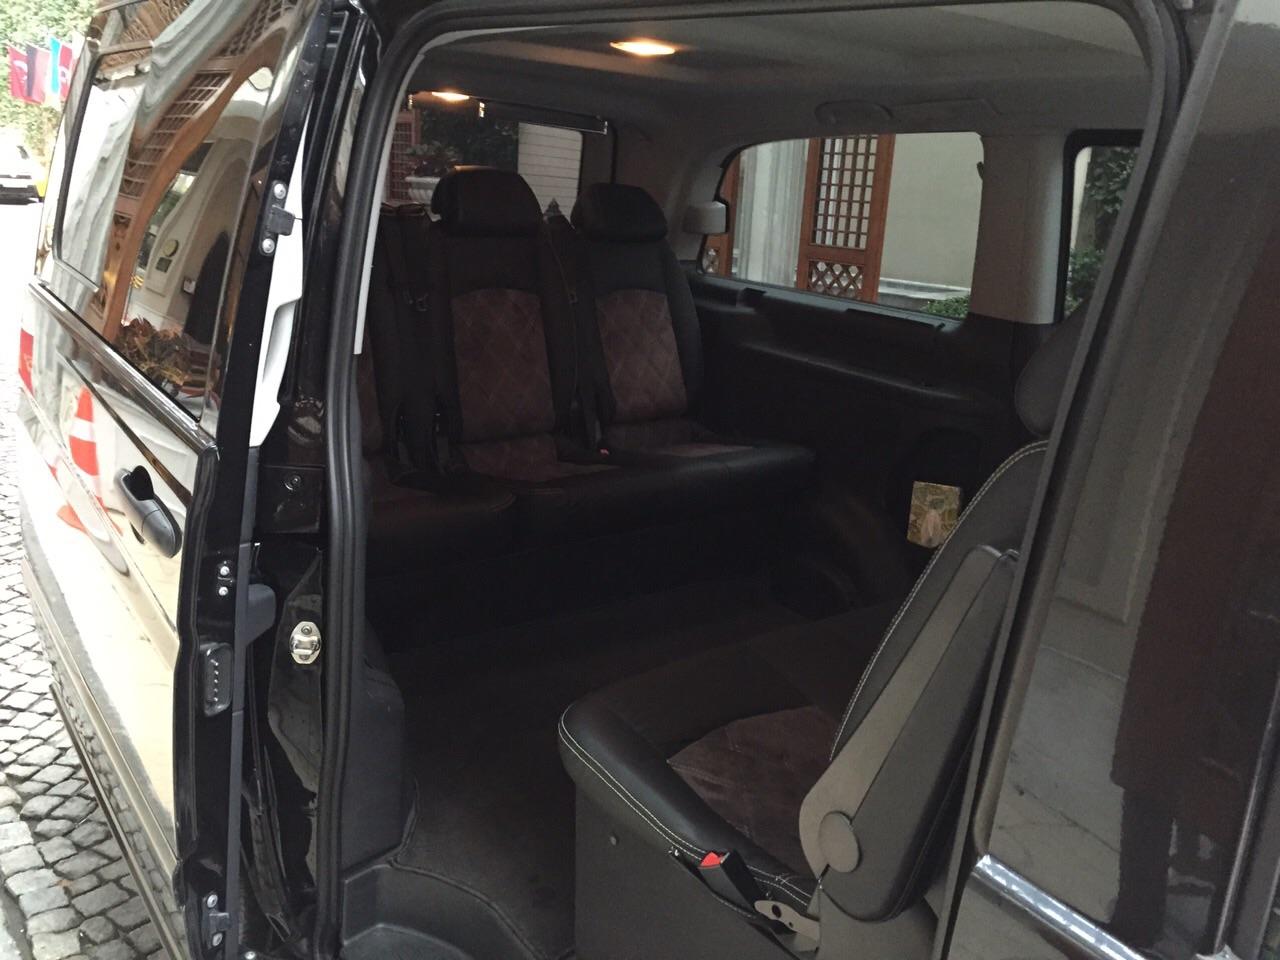 استئجار سيارة مع سائق في أوردو بأرخص الاسعار IMG-20141225-WA0006.